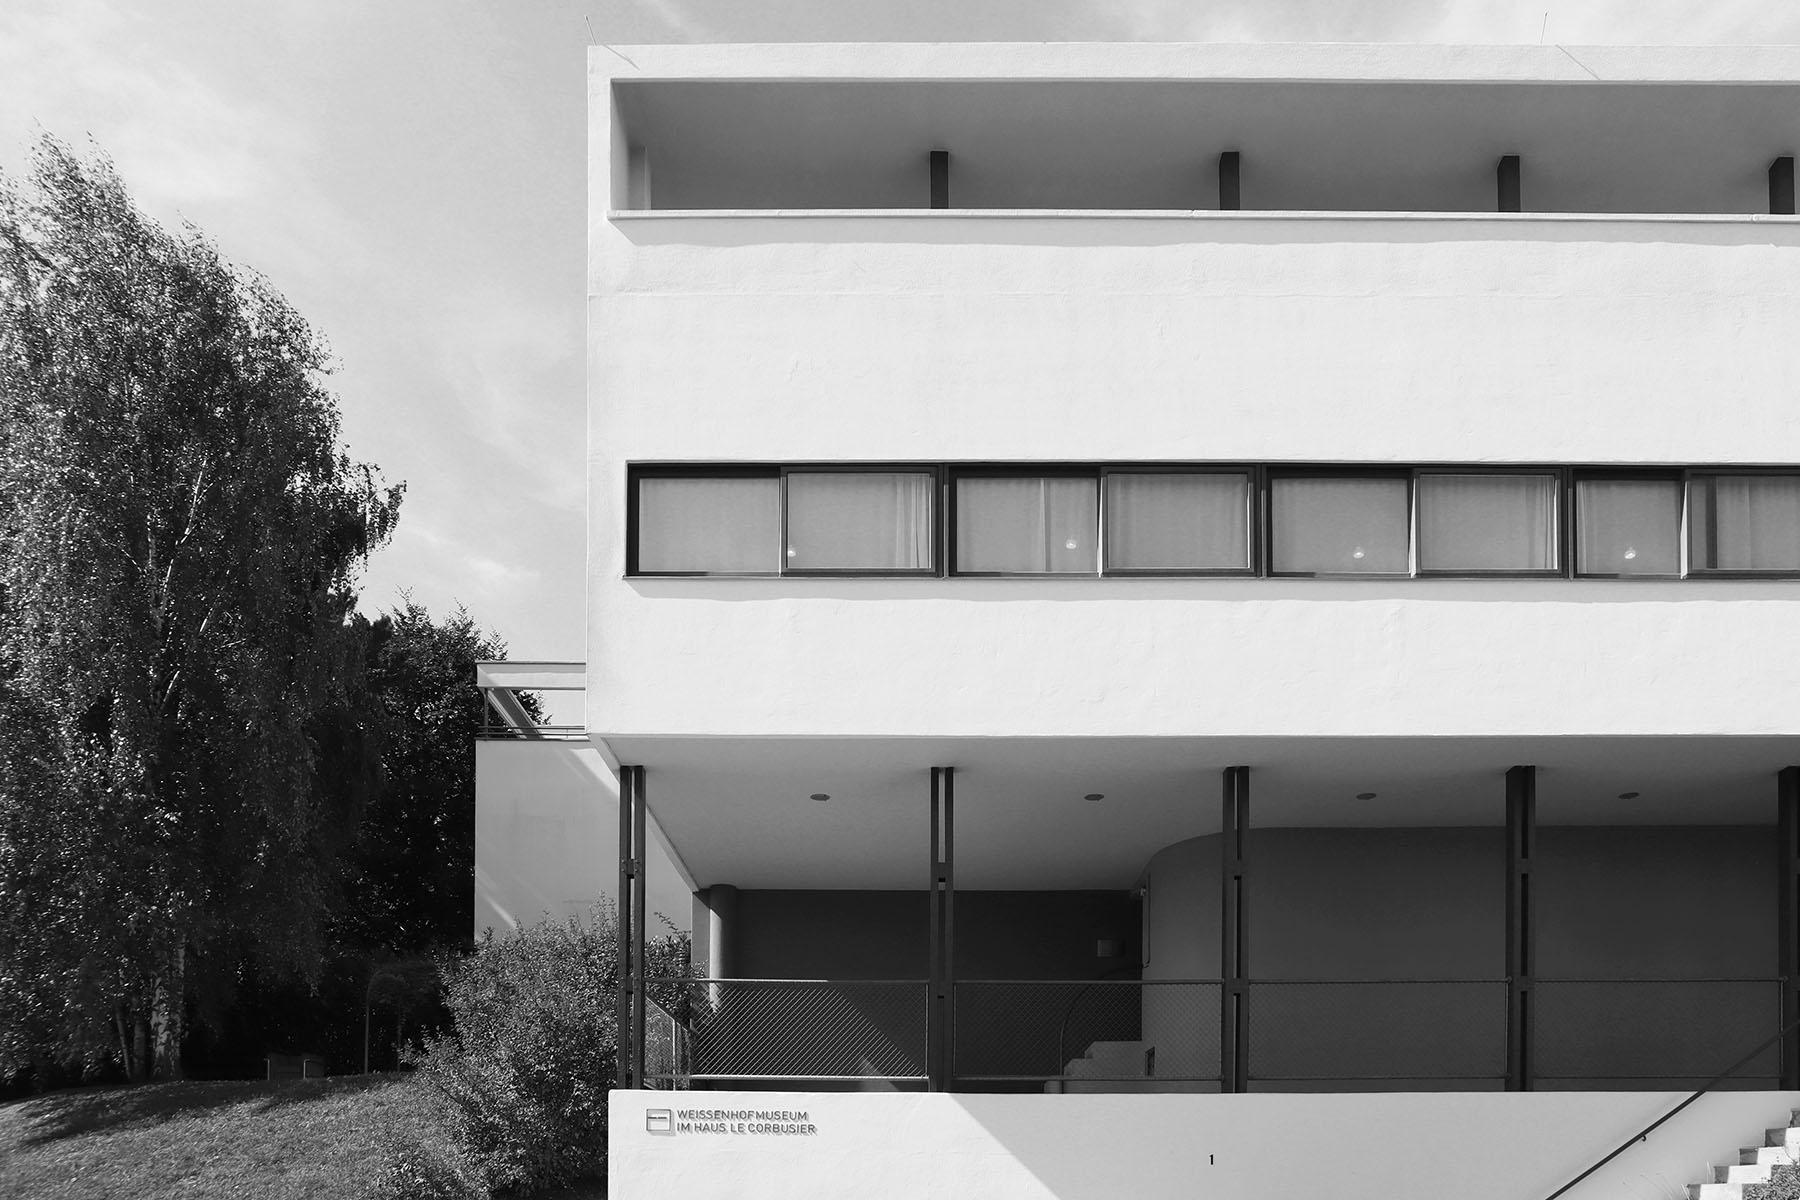 Weissenhofmuseum im Haus Le Corbusier. Das Haus, heute das Weissenhofmuseum, zeigt in der einen Haushälfte eine Ausstellung zur Geschichte der Siedlung, in der anderen Haushälfte sind die Wohnräume mit der ursprünglichen Farbigkeit und Möblierung im Zustand von 1927 zu sehen.